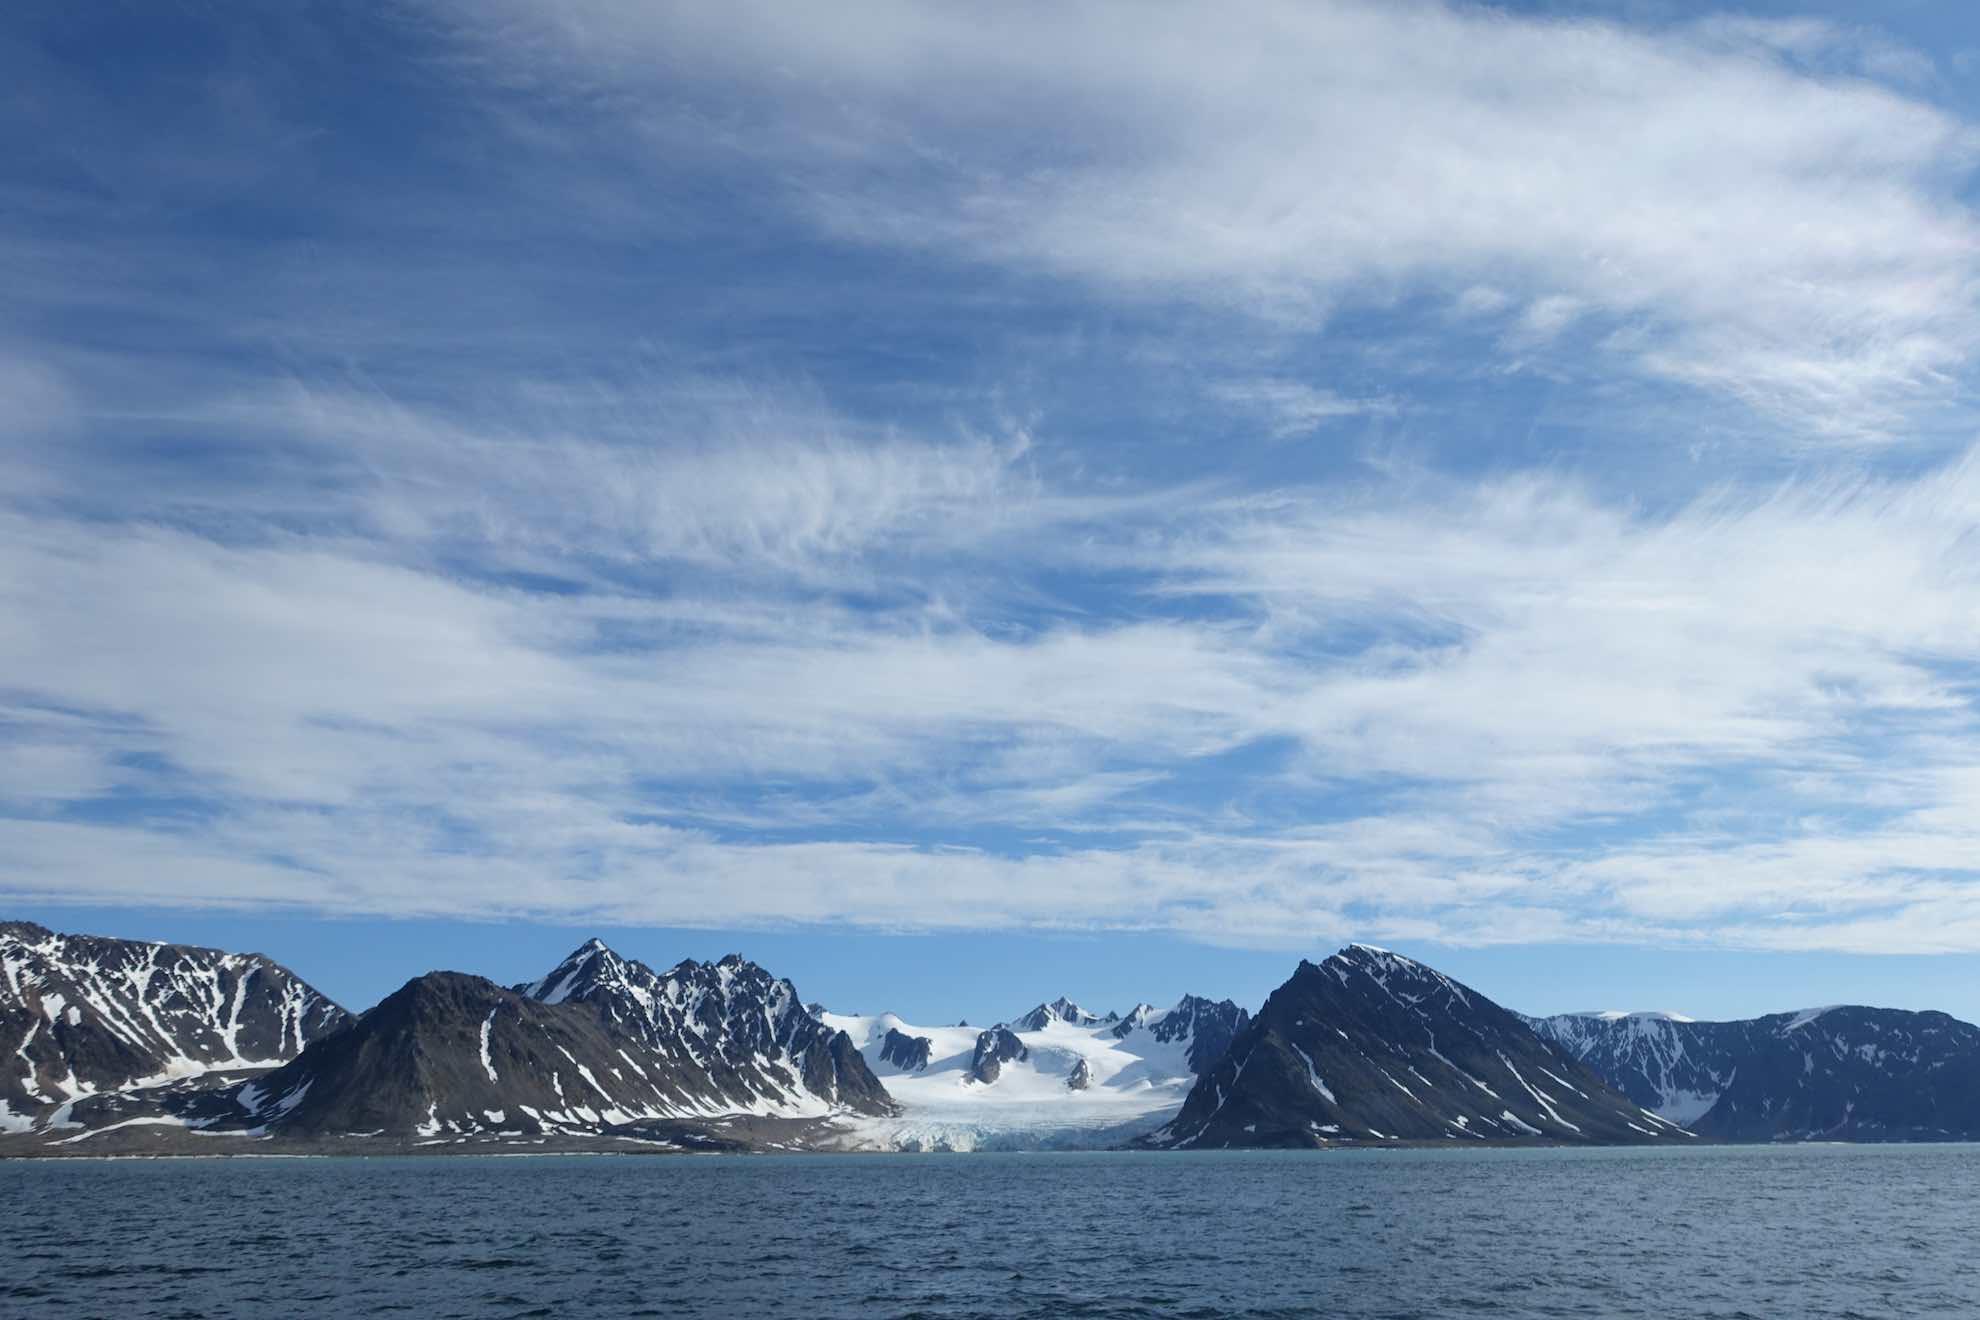 Die Zeit auf Spitzbergen nähert sich dem Ende, wir starten zum Rückweg.